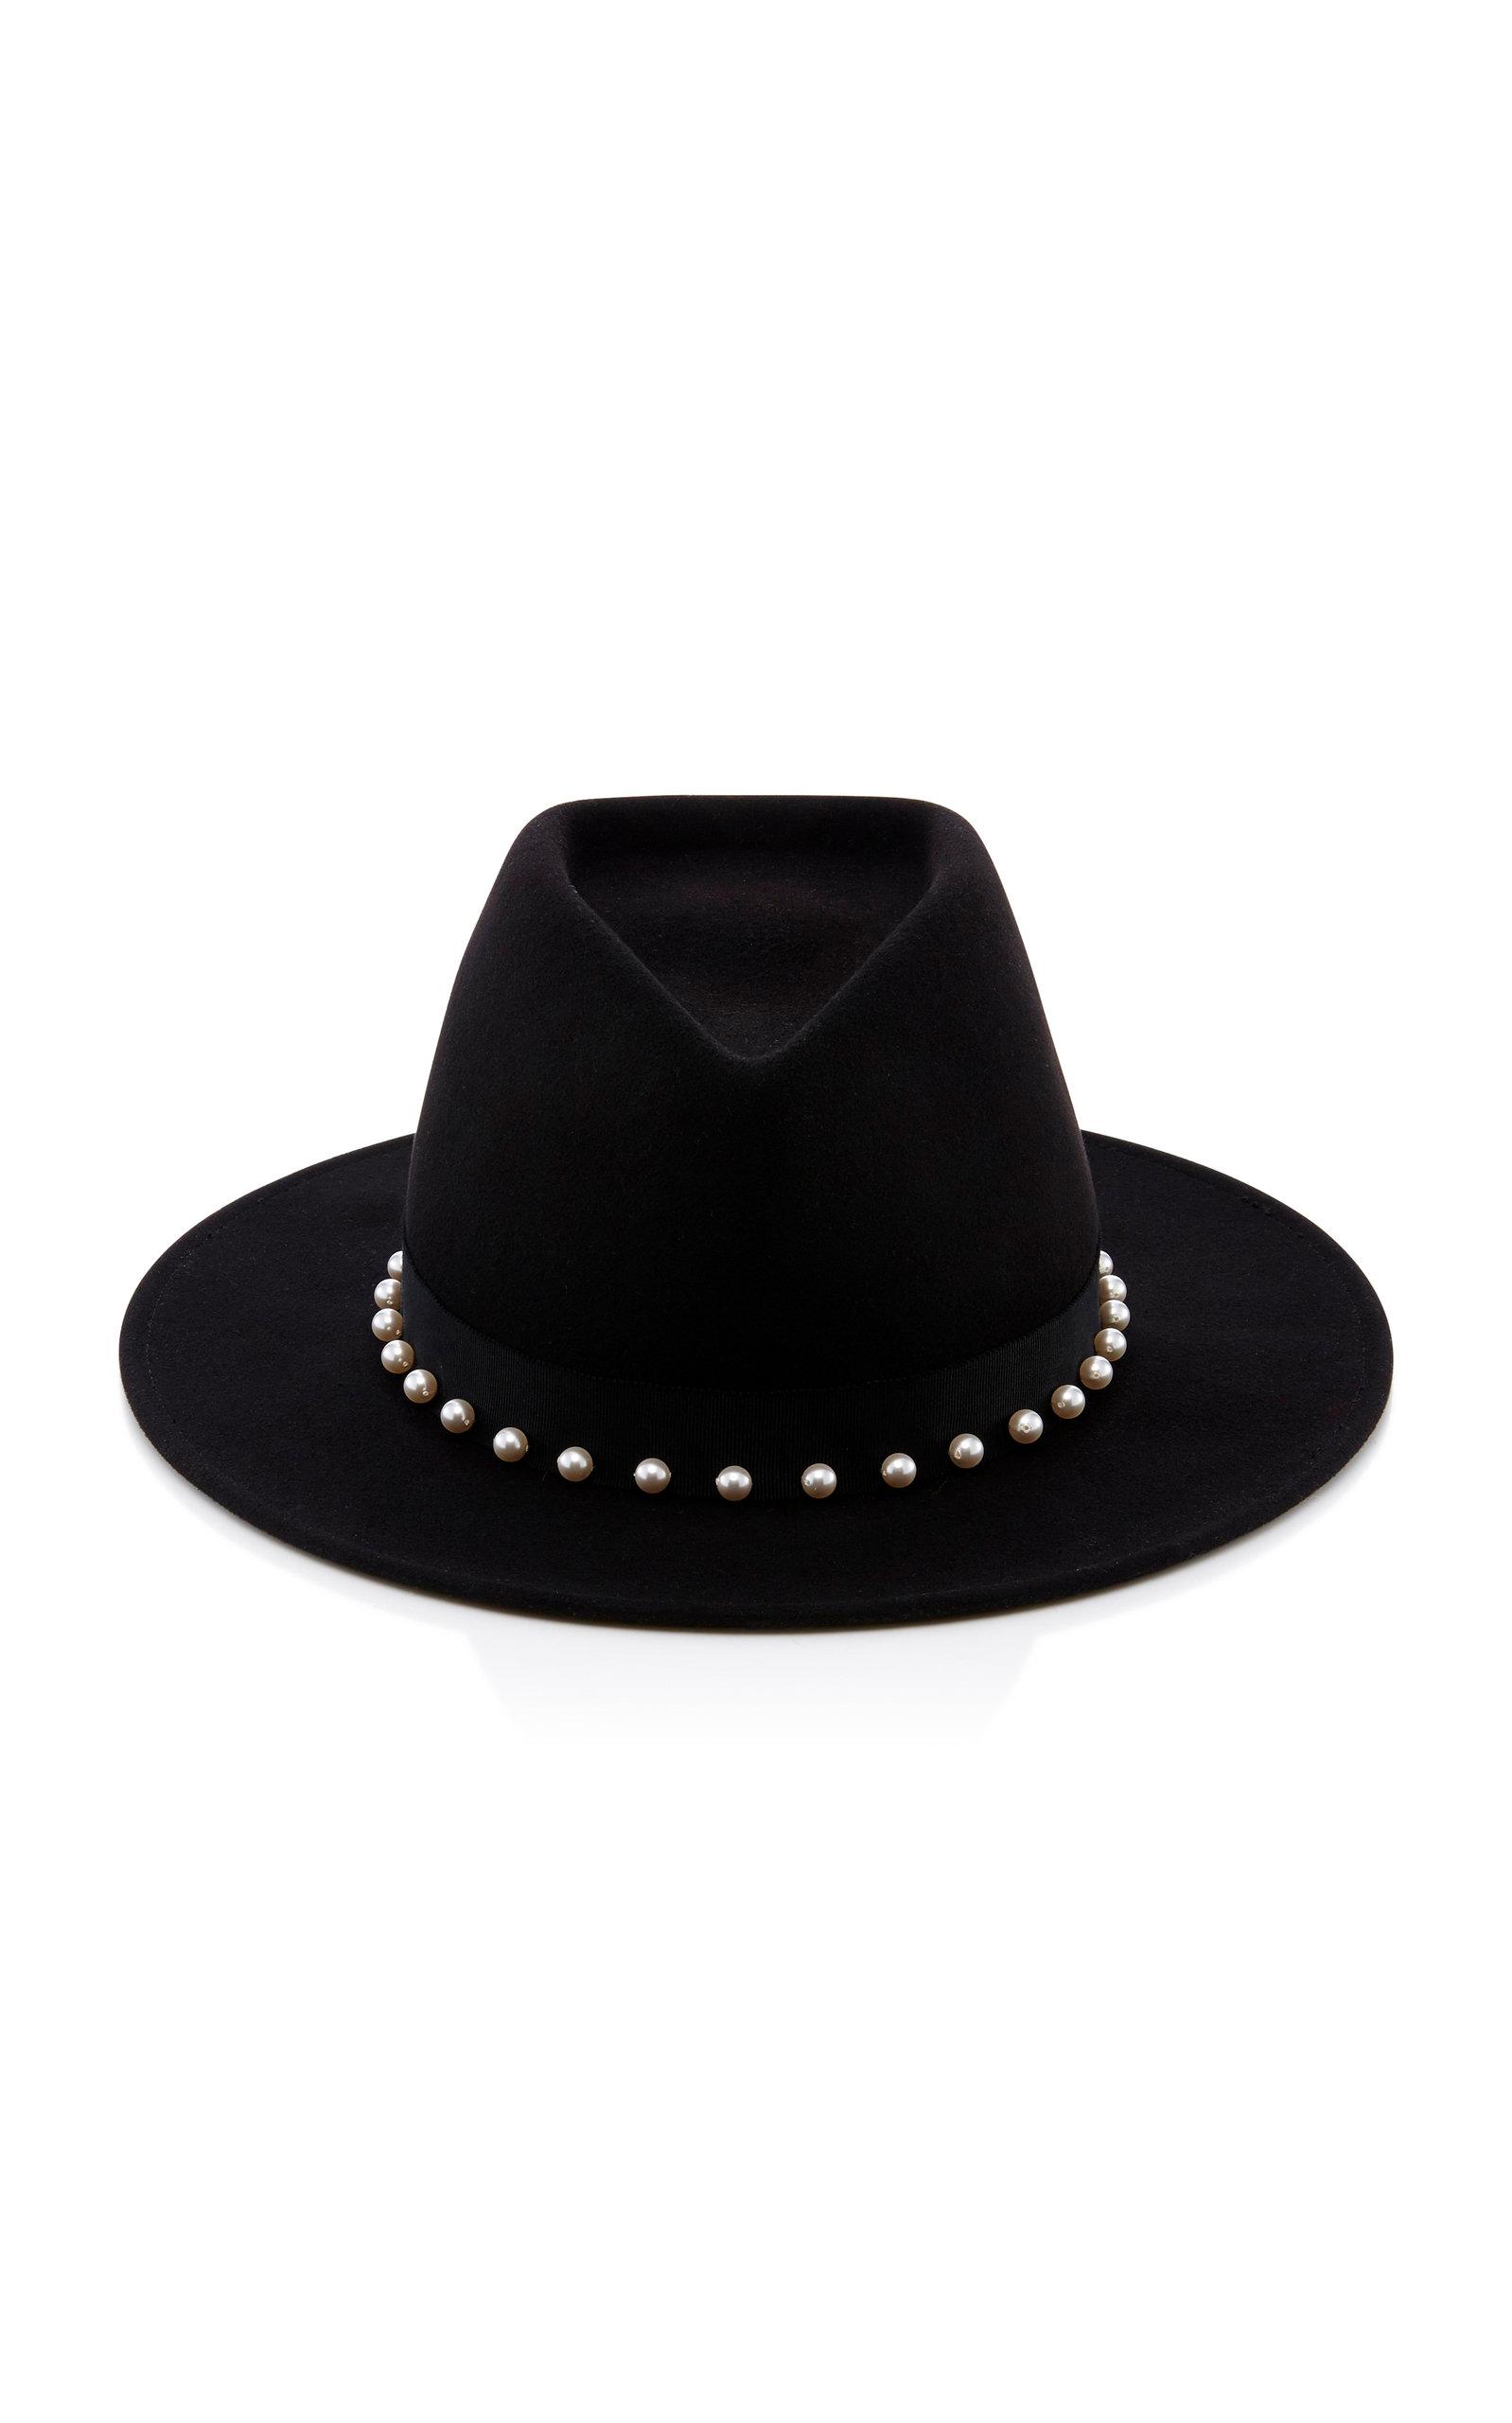 Blaine Peal Embellished Black Wool Felt Fedora